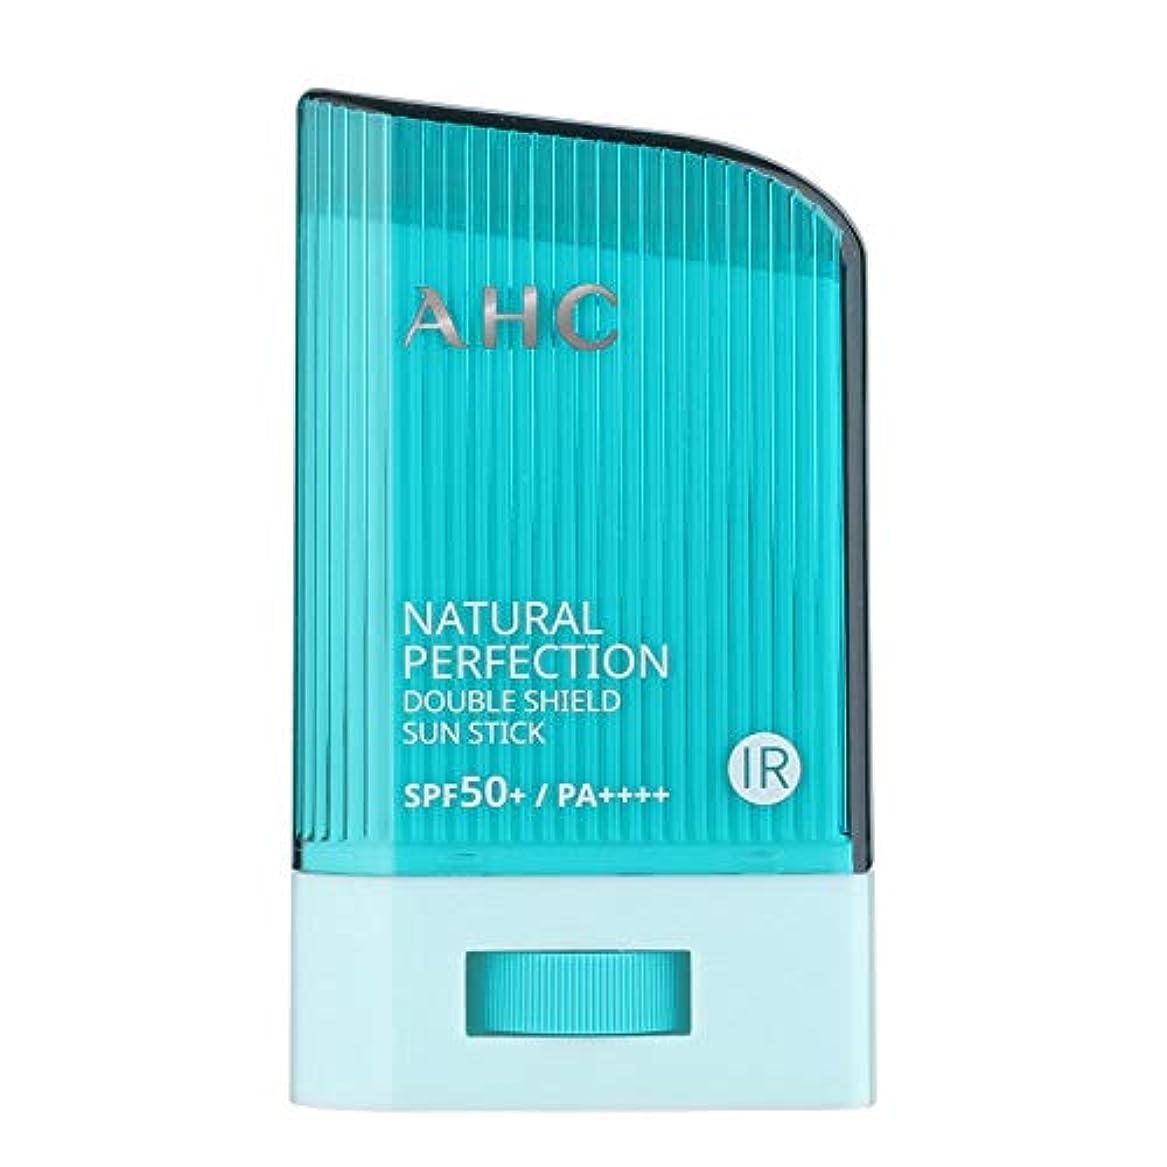 ポータブル不足強いAHC ナチュラルパーフェクションダブルシールドサンスティック 22g, Natural Perfection Double Shield Sun Stick SPF50+ PA++++